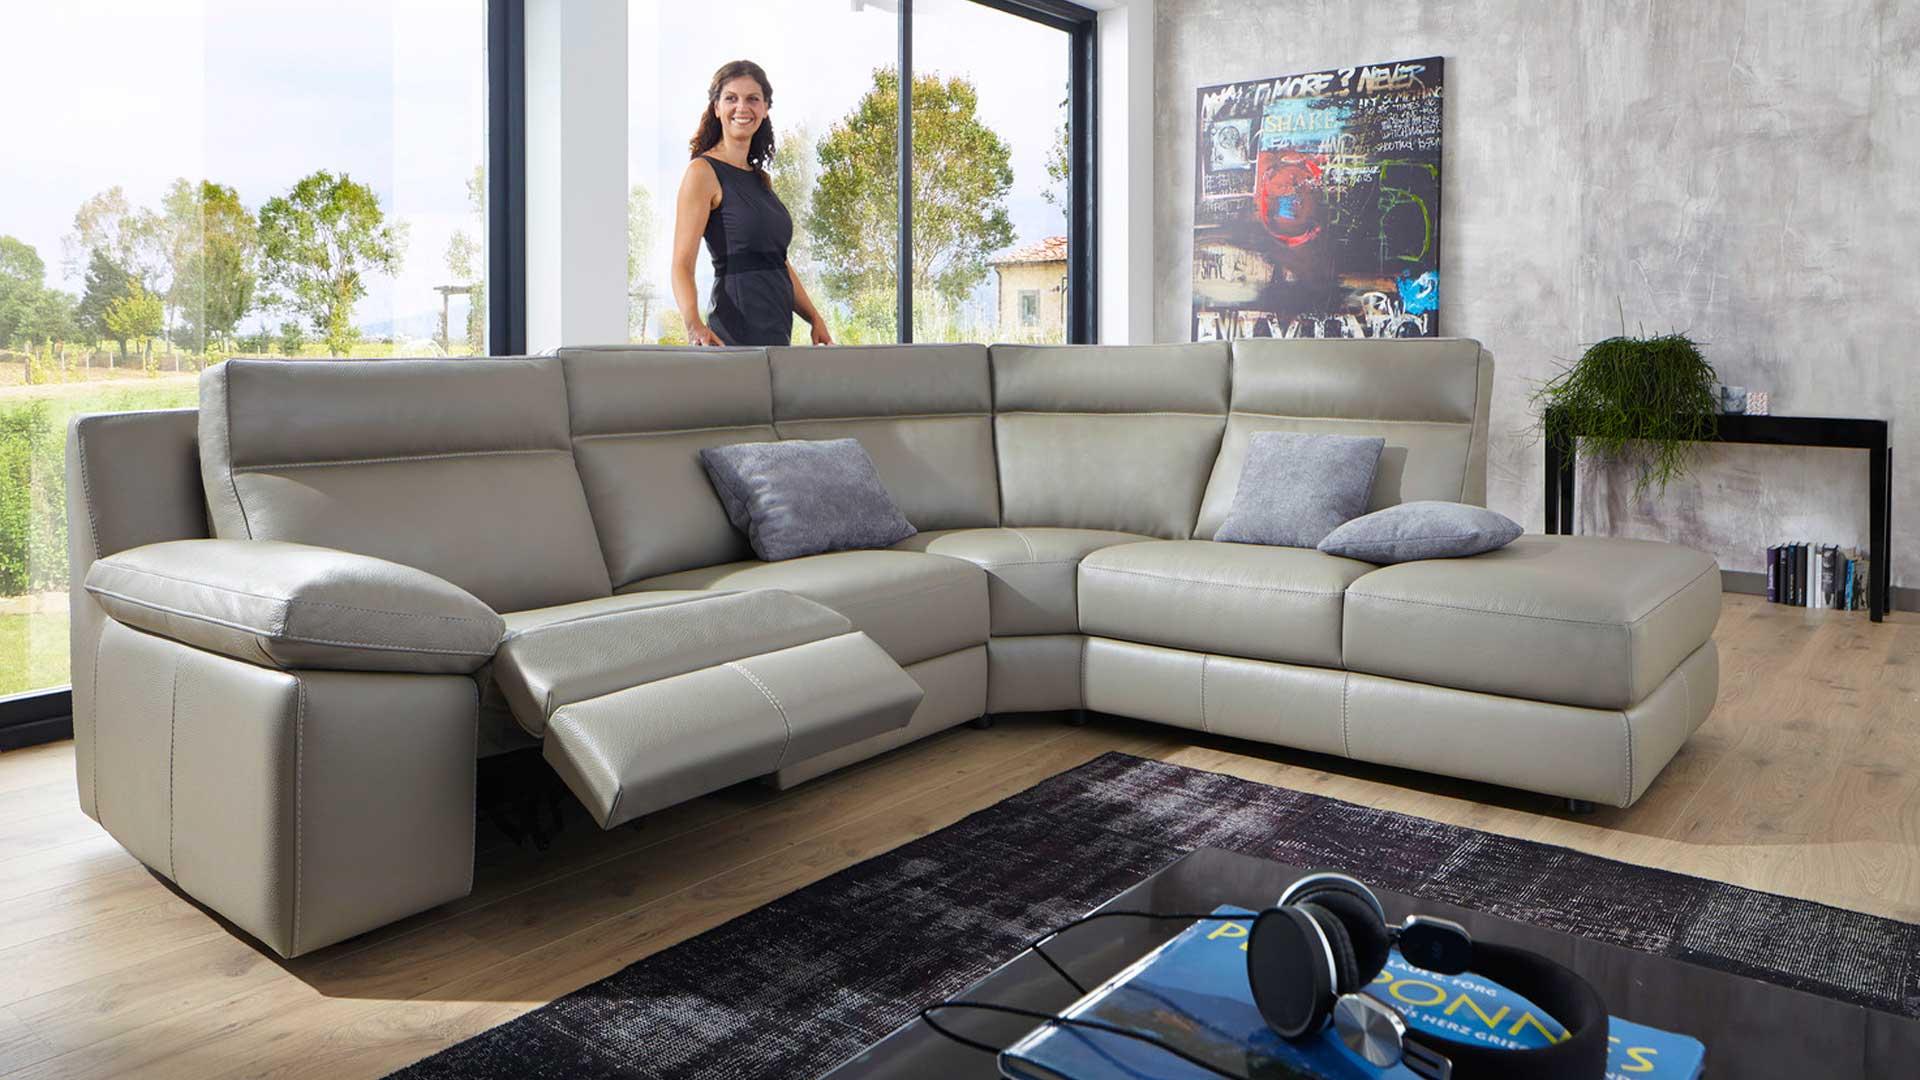 sofas polstermobel relaxsessel schlafcouchen in schwalmstadt treysa prasentiert von polsterwelt 3000 sofas polstermobel relaxsessel schlafcouchen fur